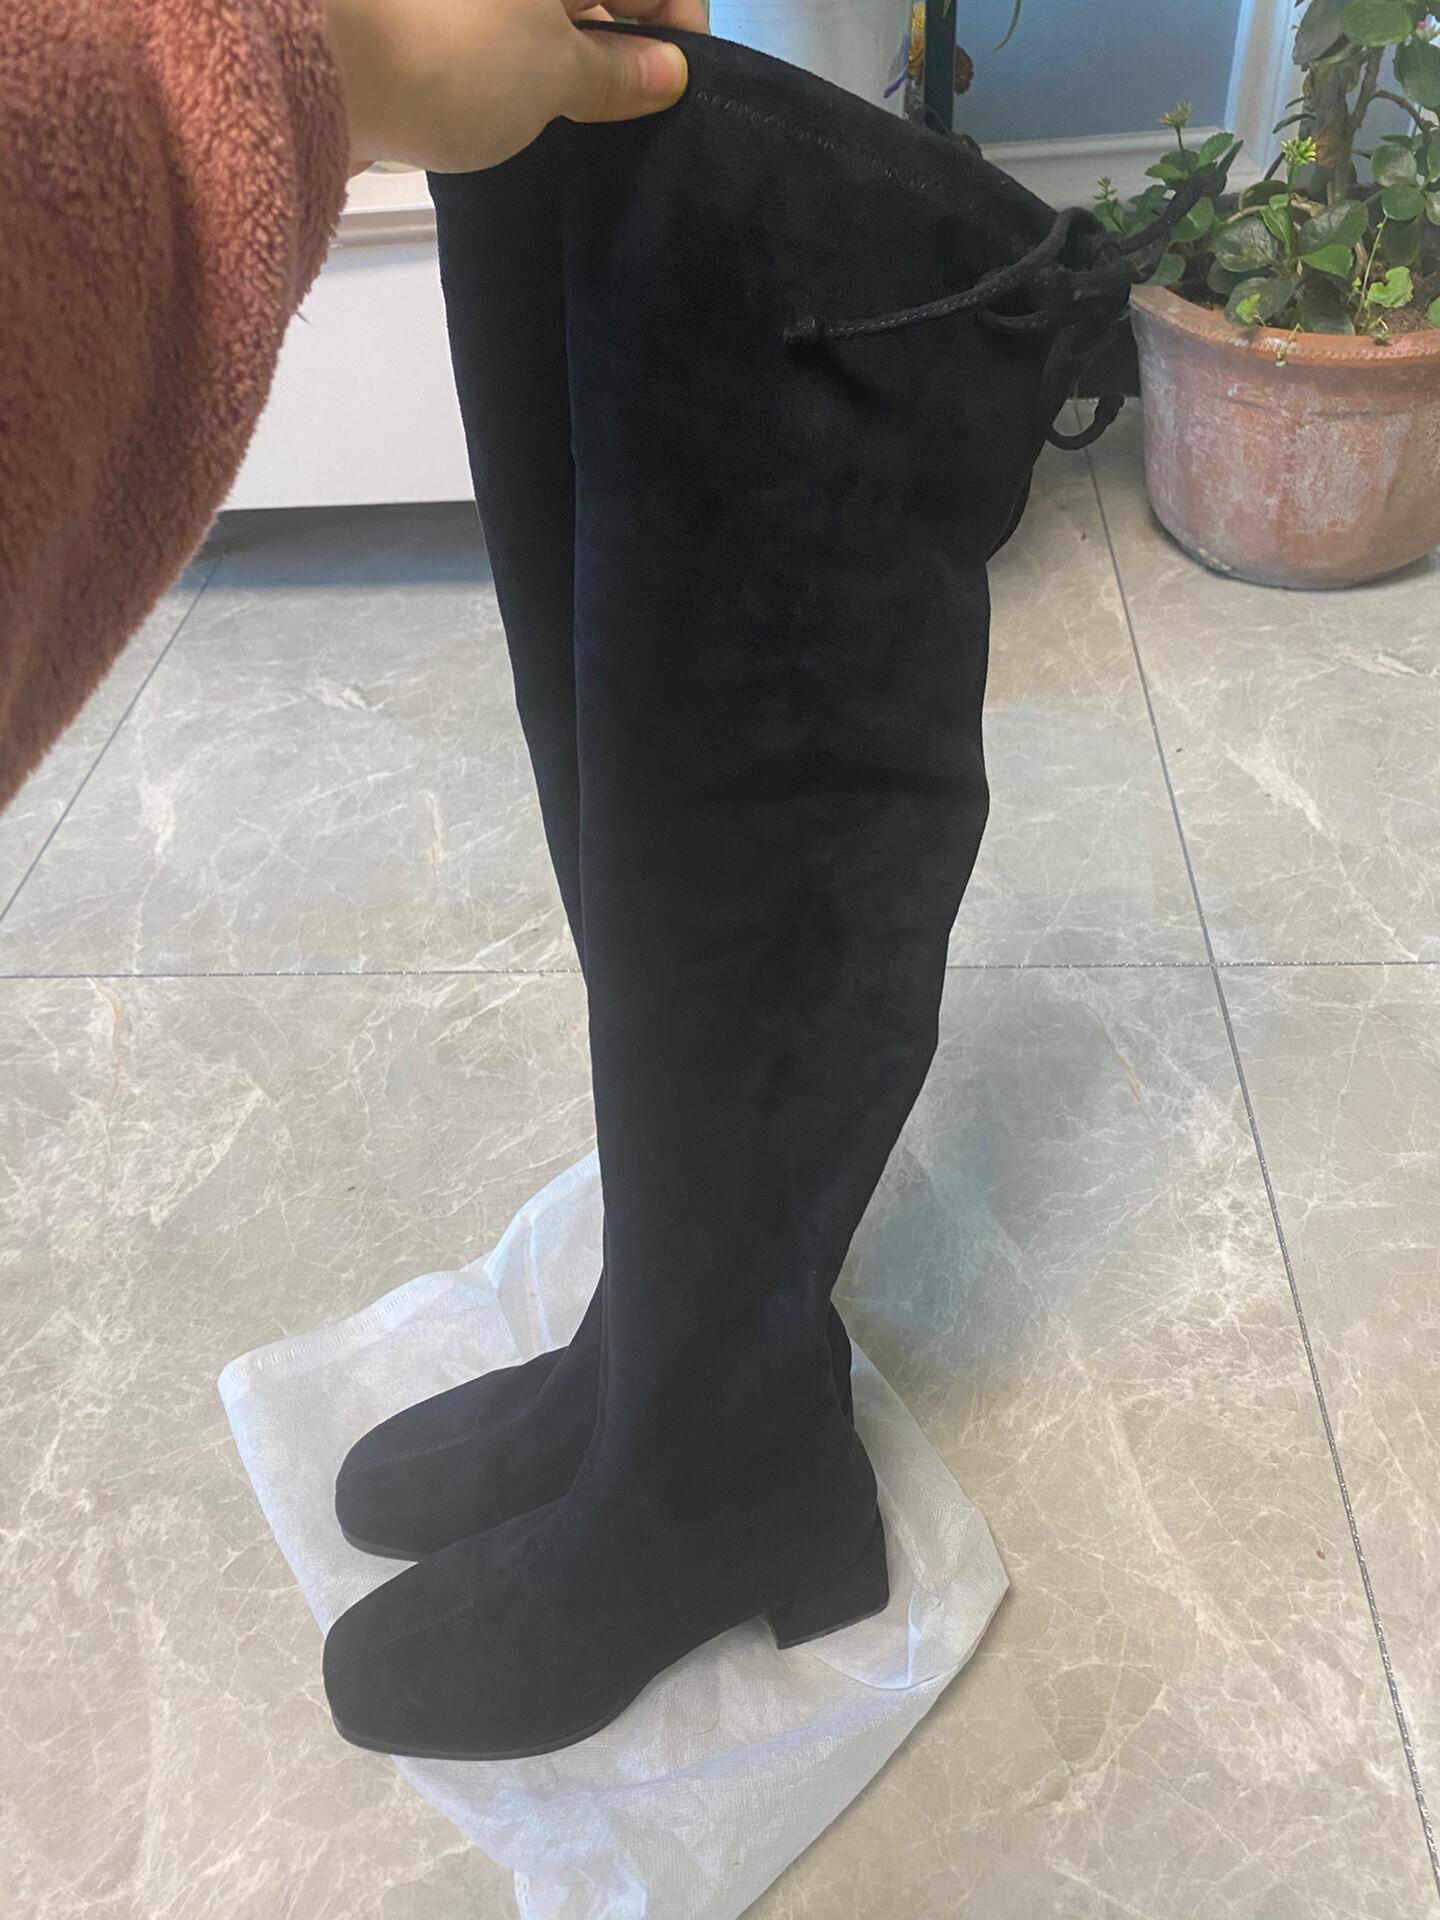 九九新西遇黑色过膝靴仅试穿未穿出门36码无瑕疵